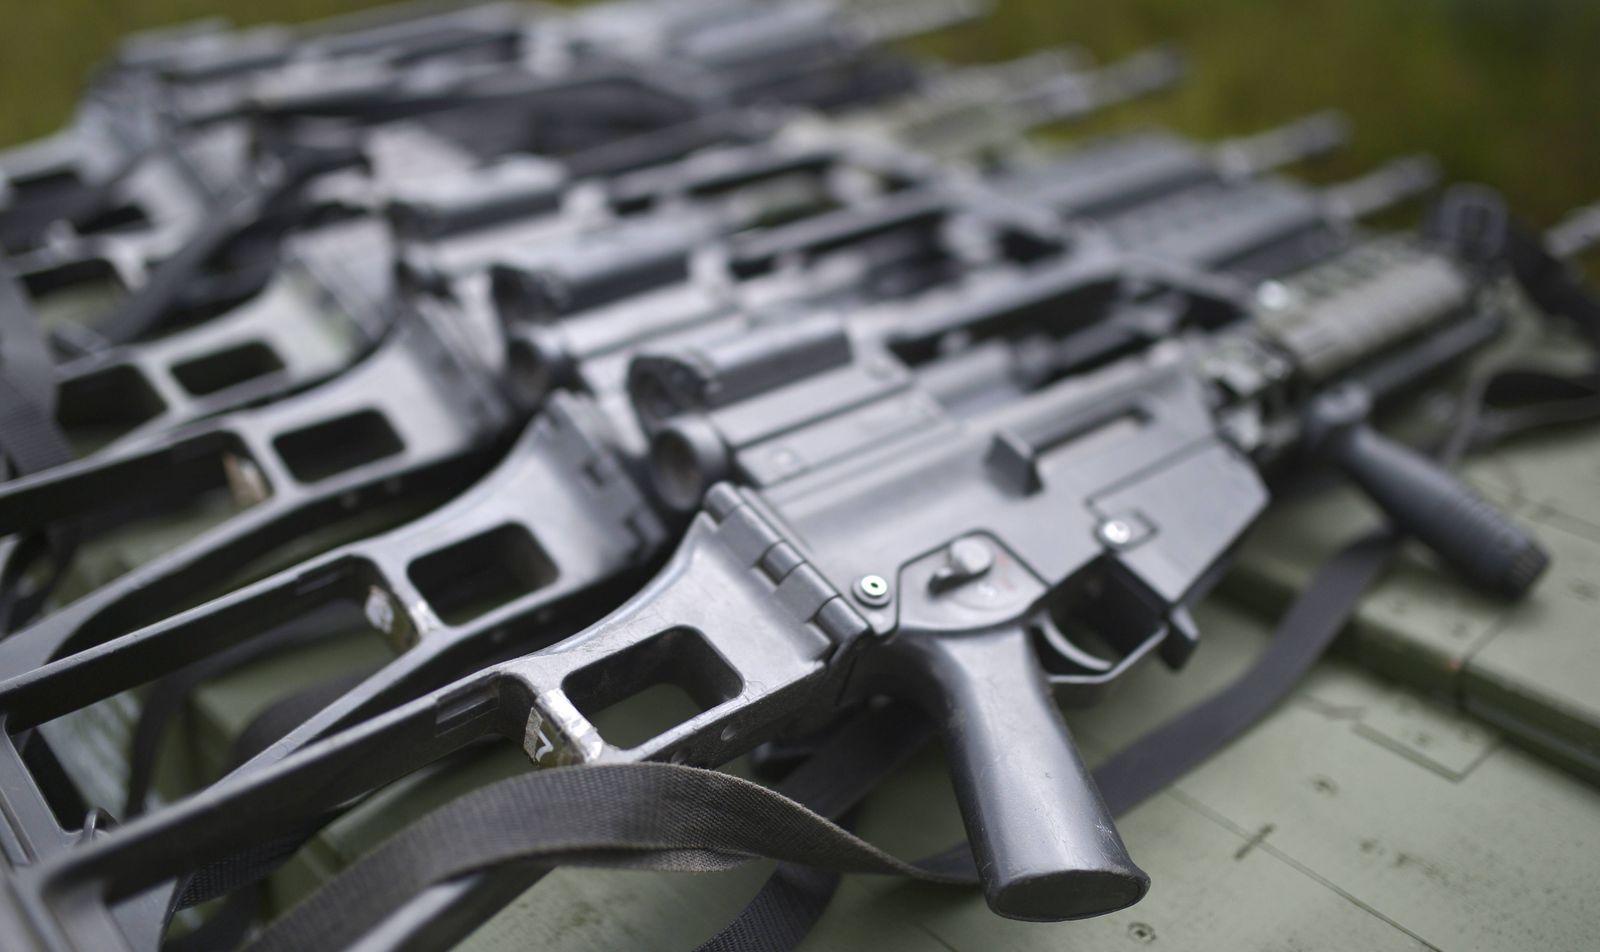 Mehrere Exemplare des Sturmgewehr G36 des Herstellers Heckler und Koch (Heckler & Koch) bei der Nato Uebung Noble Jump